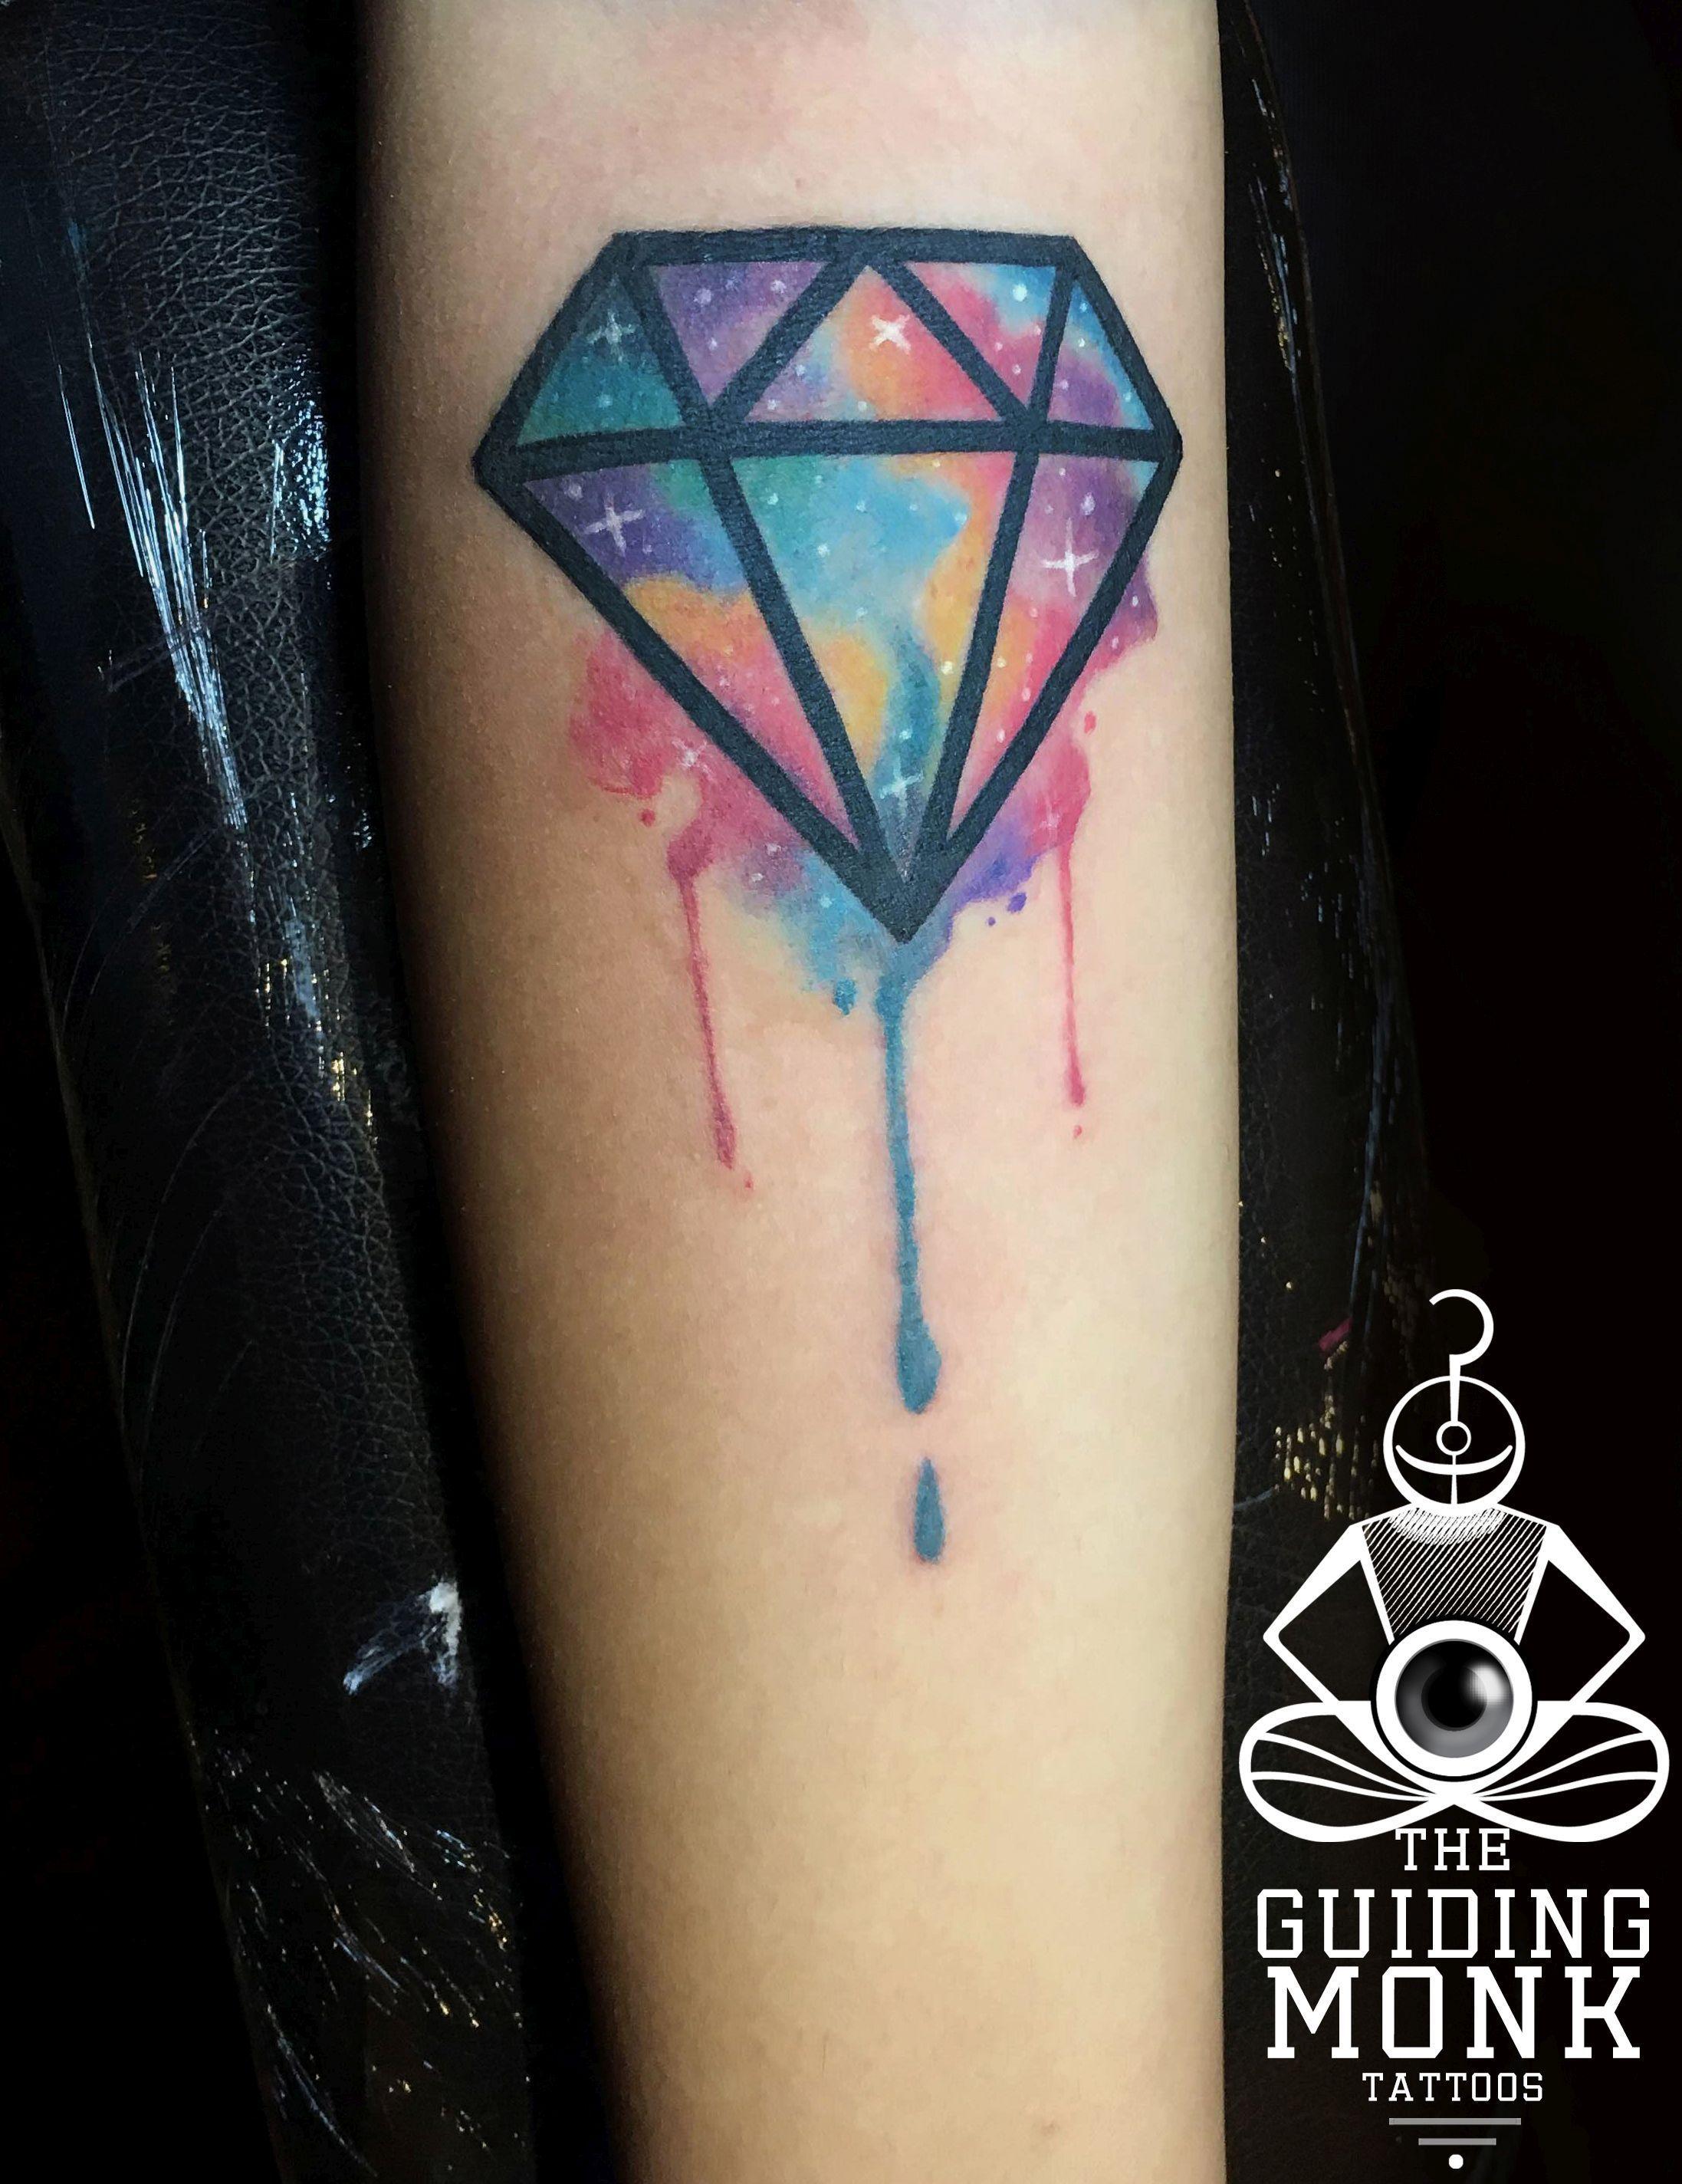 d4bc62823d099 Cosmic watercolor Diamond Tattoo #TattooIdeasFemale | Tattoo Ideas ...